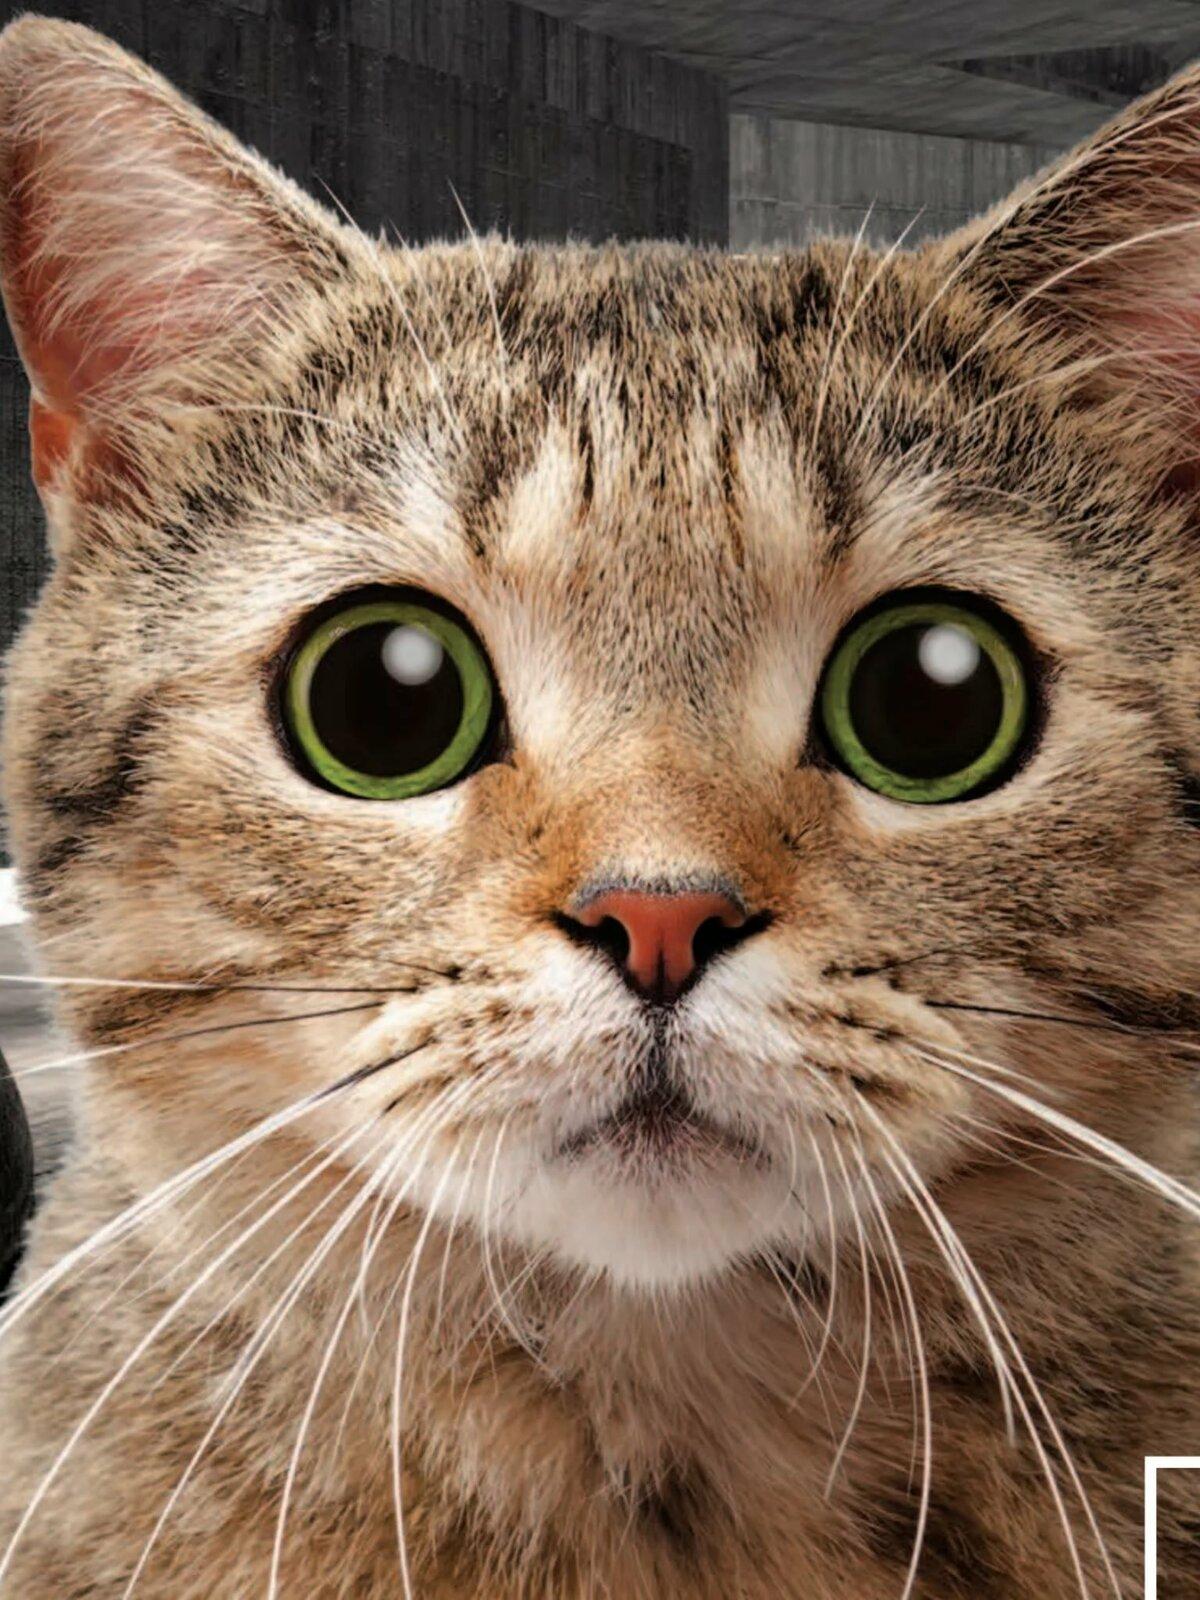 Картинка кот глаза в ушах без подписи